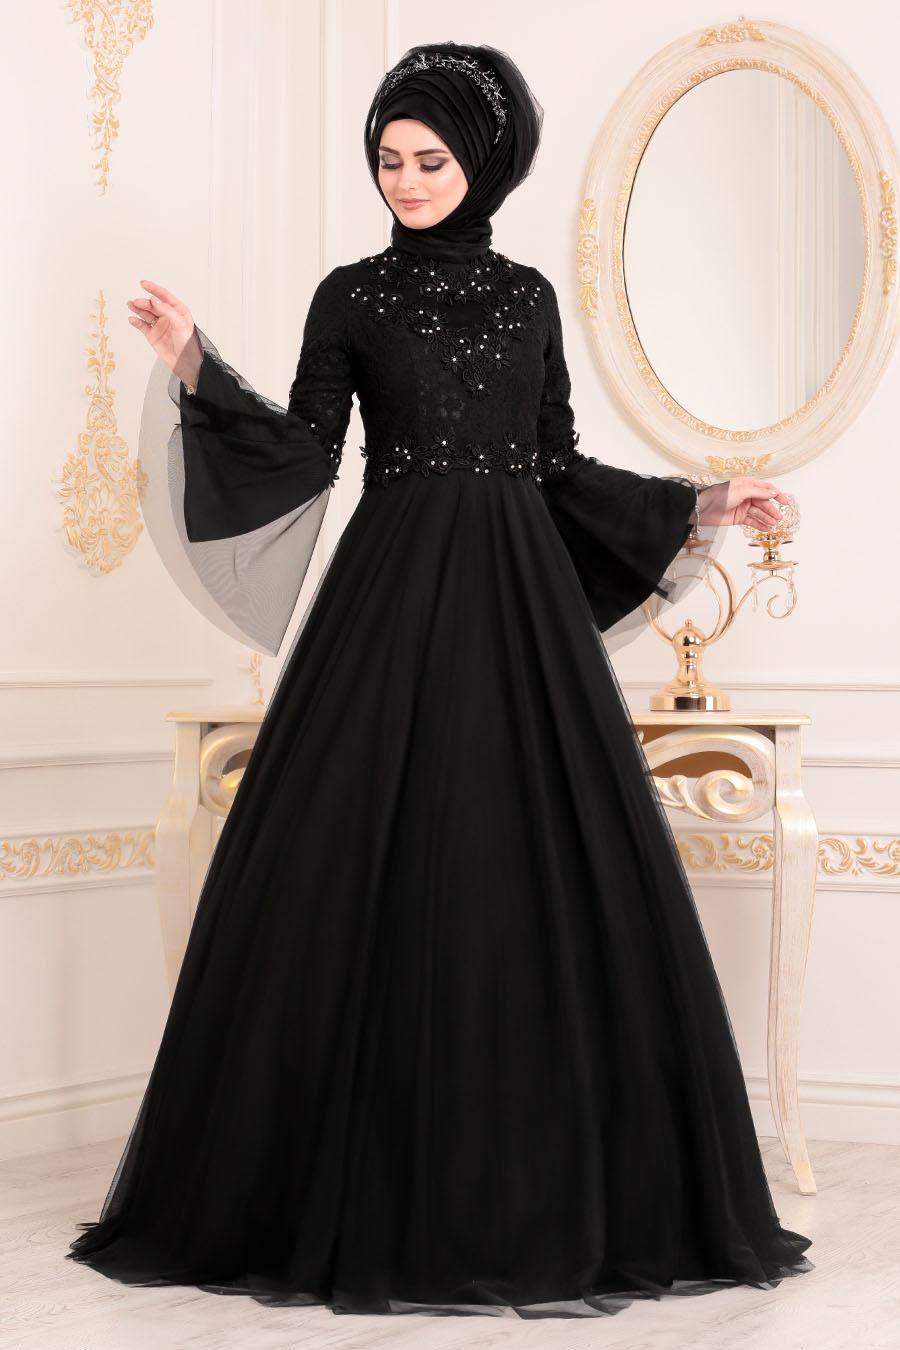 Tesettürlü Abiye Elbise - Volan Kol Dantelli Siyah Tesettürlü Abiye Elbise 20571S